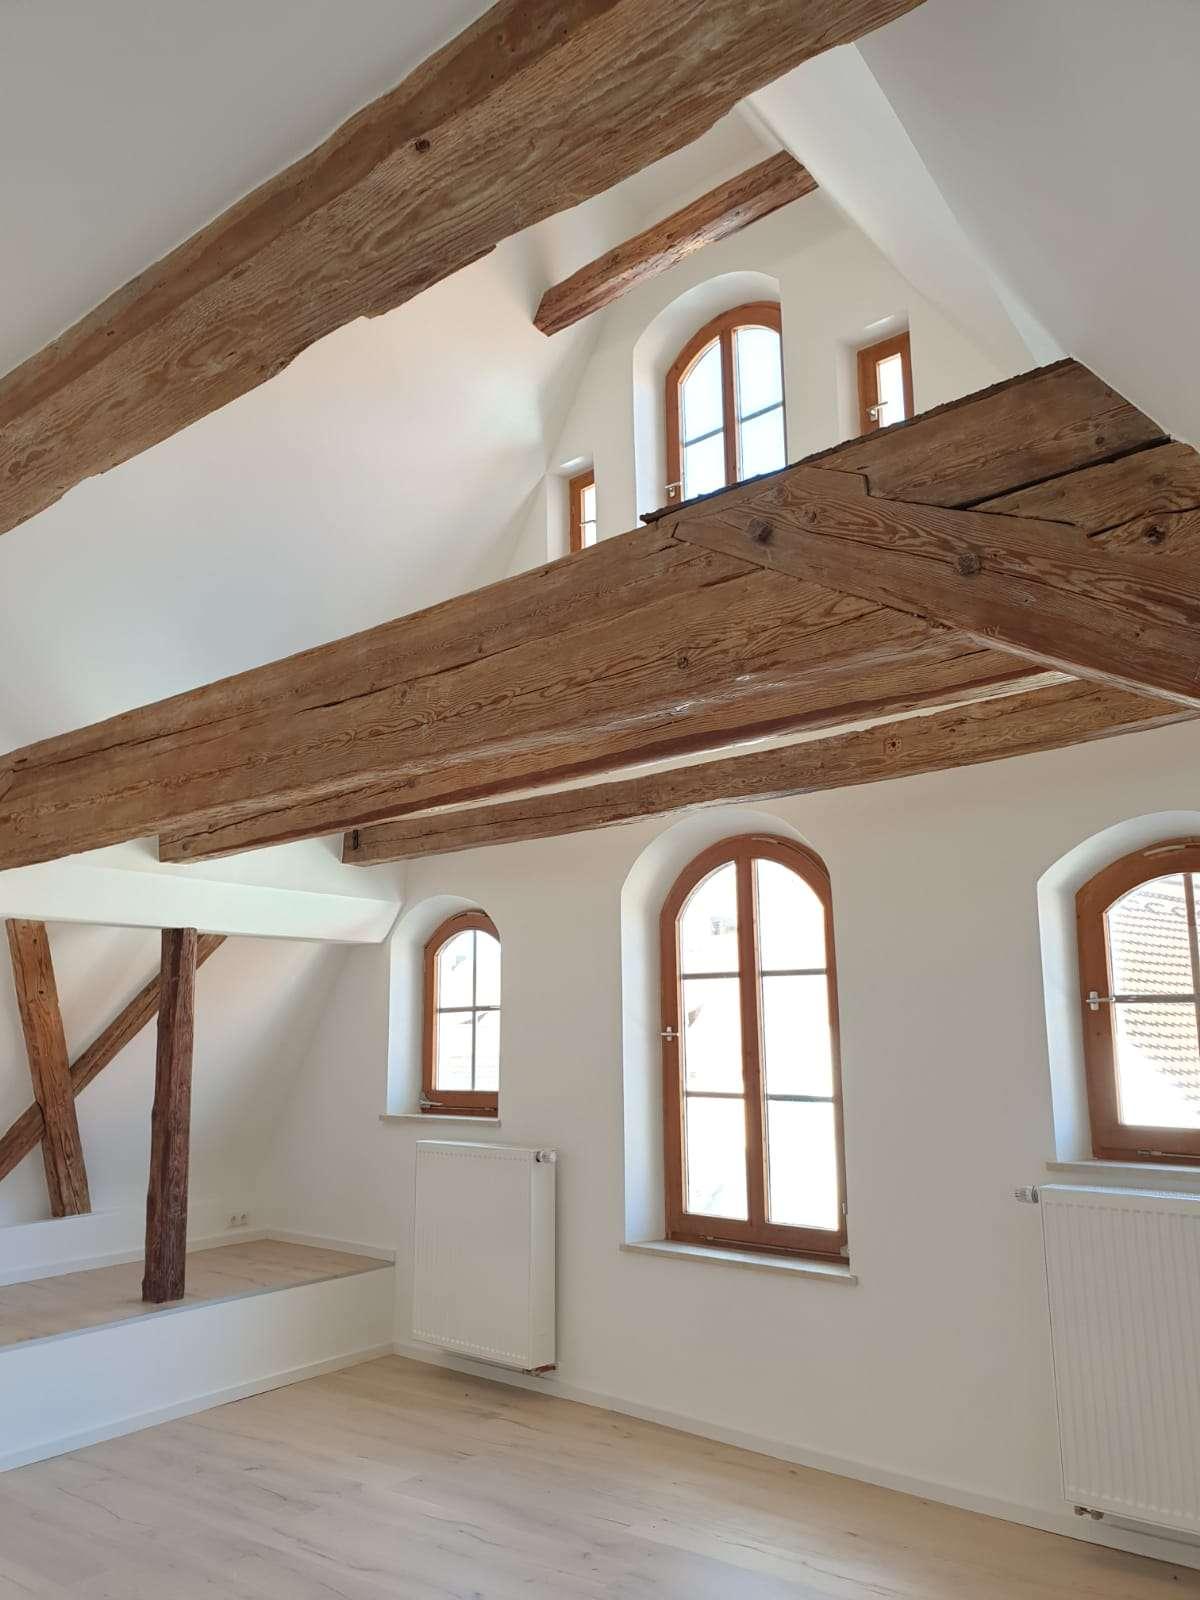 Altbau-Galeriewohnung im Herzen der Stadt Landshut! in Altstadt (Landshut)